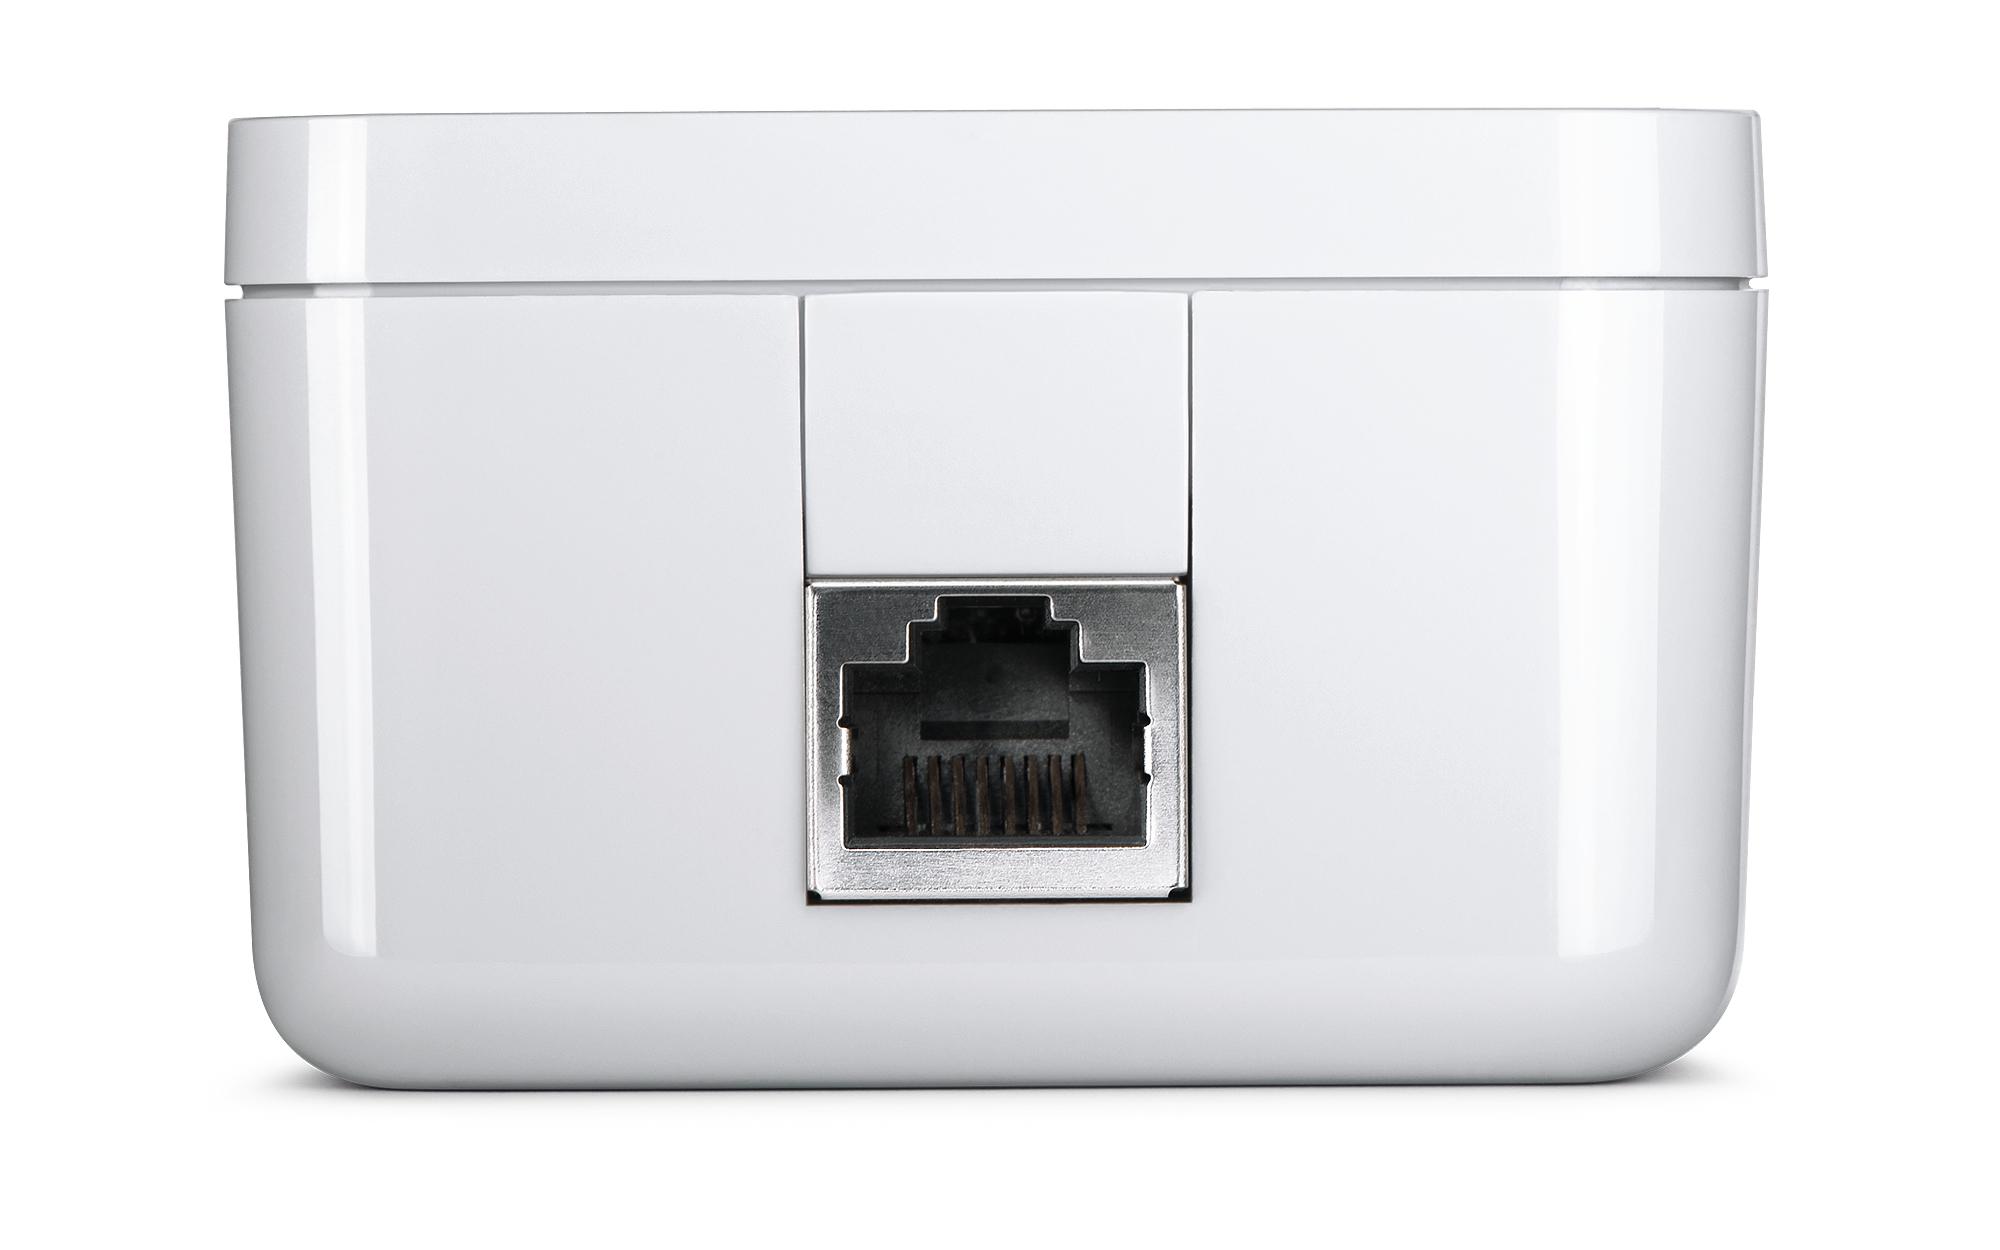 Magic 1 LAN Bridge (GBLAN, HomeGrid)